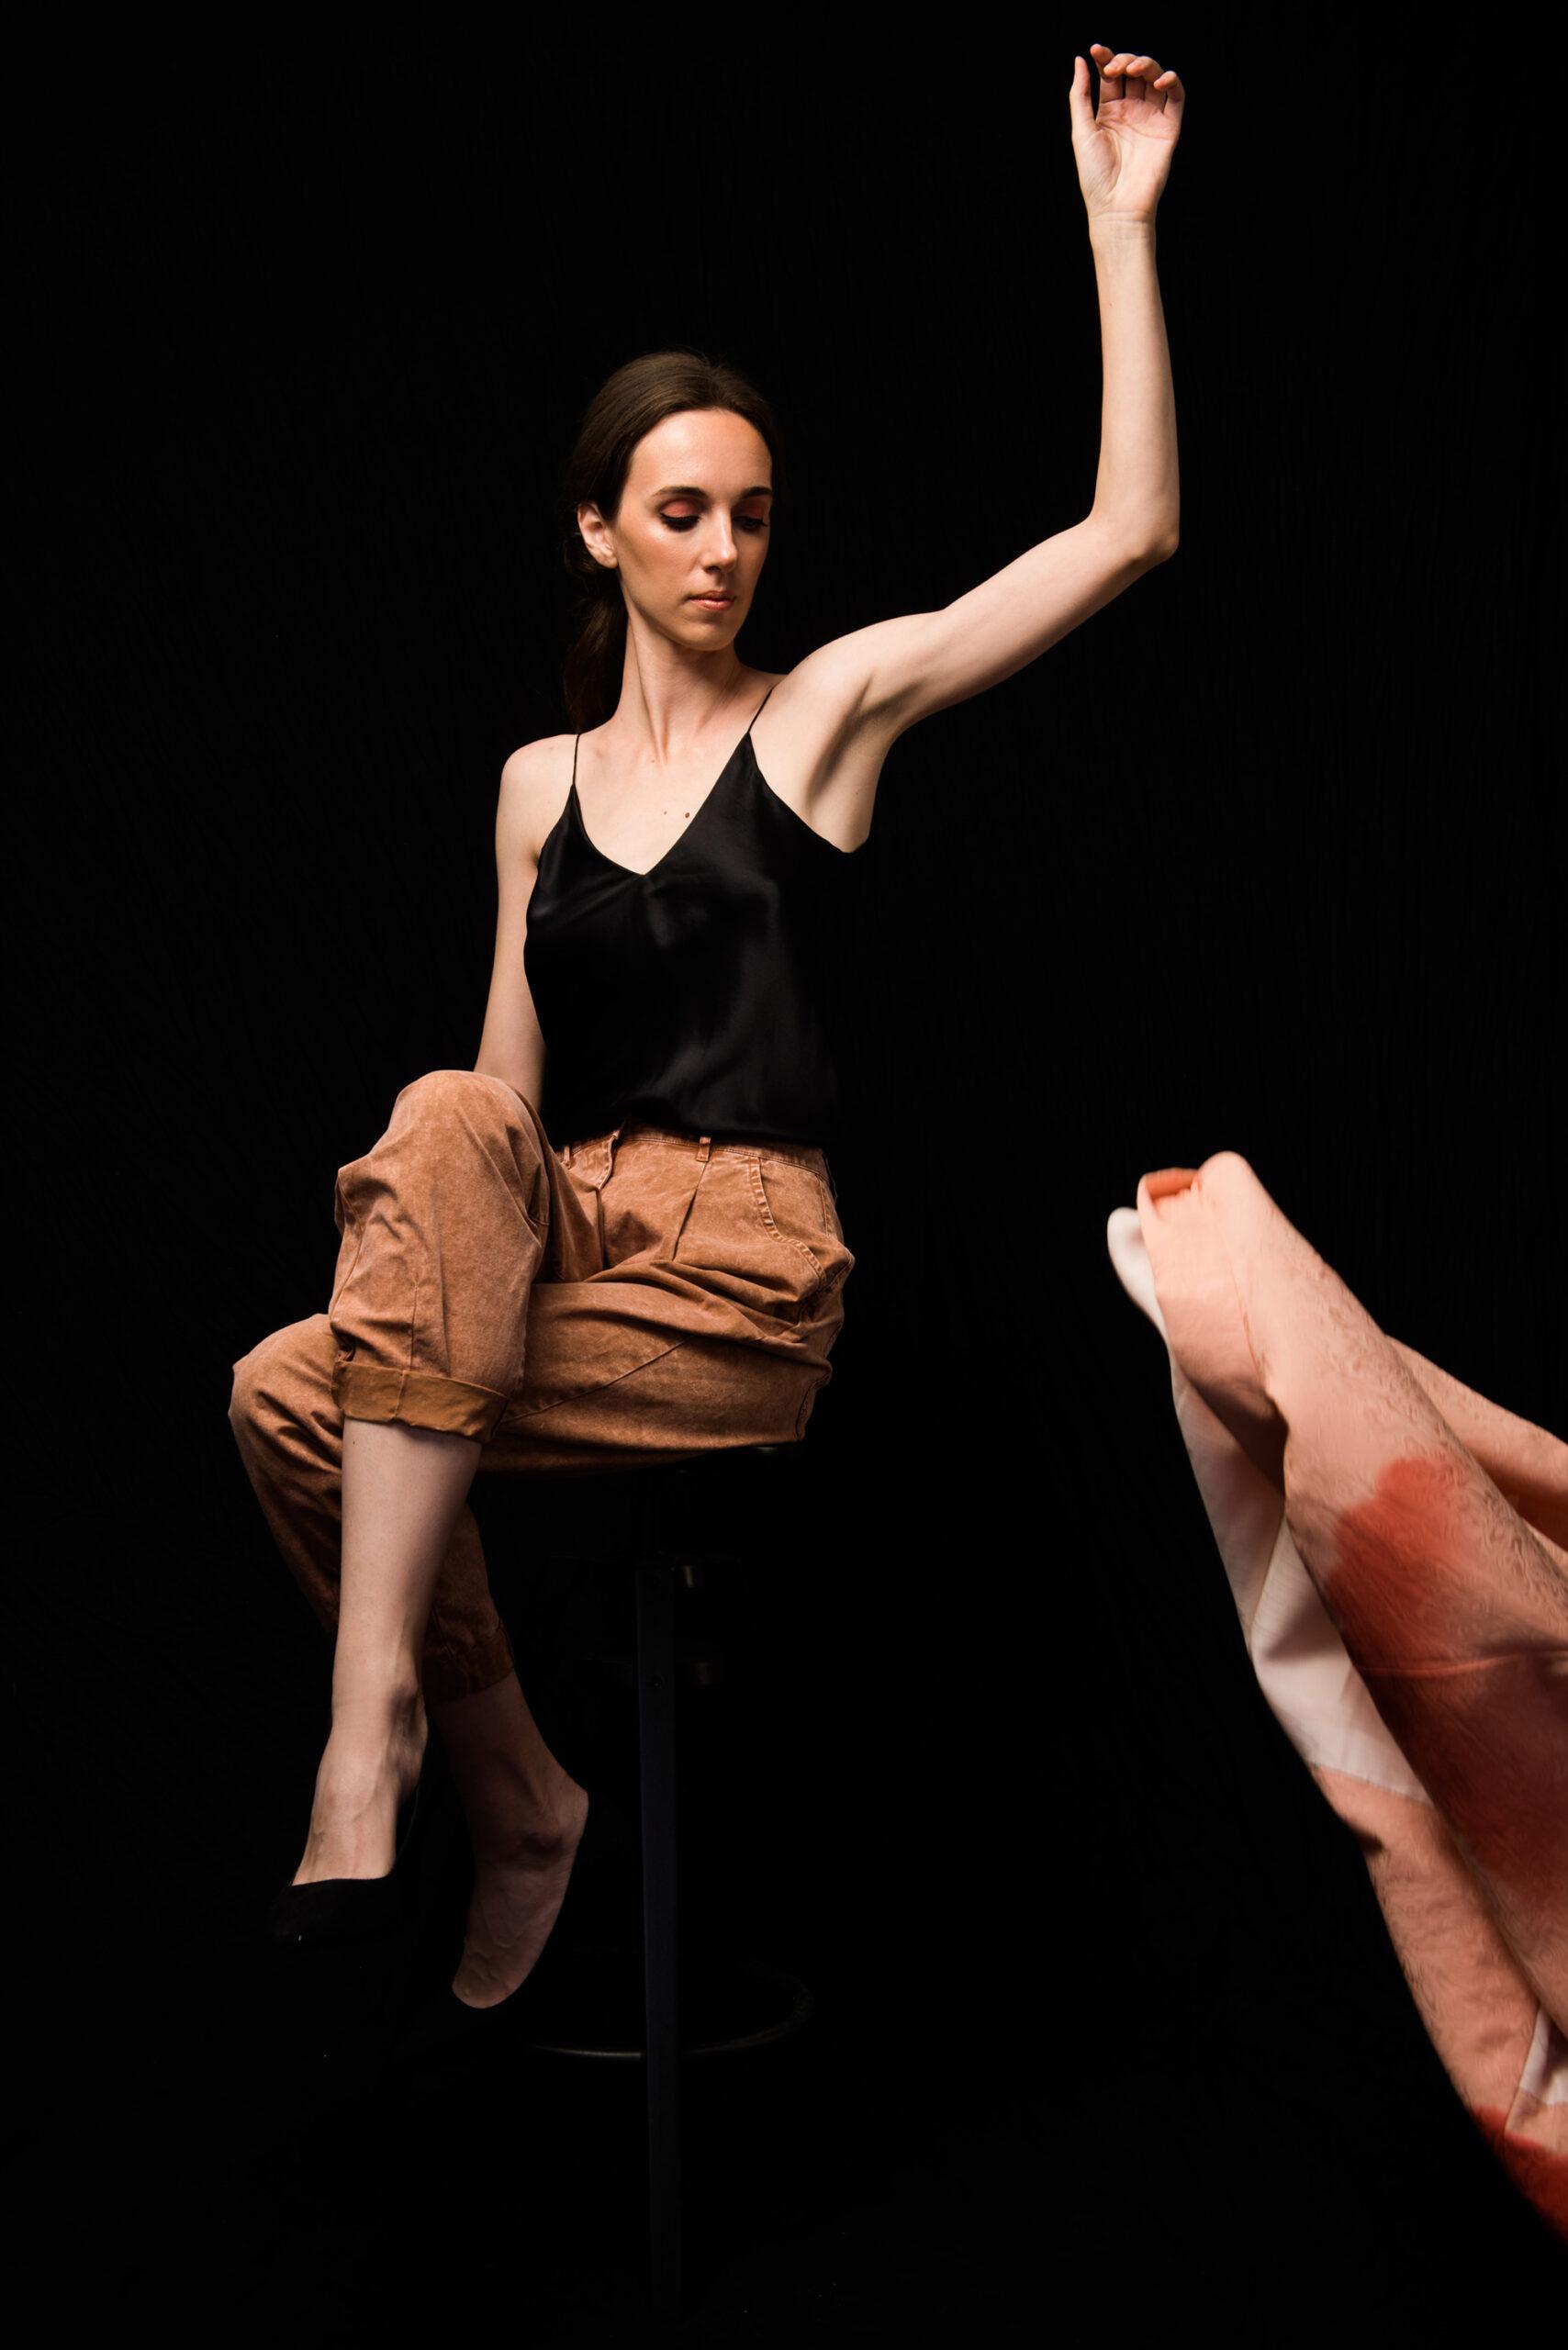 Нижнее бельё как верхняя одежда: Винтажное хаори, бельевой топ и джинсы. Garterblog.ru Все права на текст и фото защищены